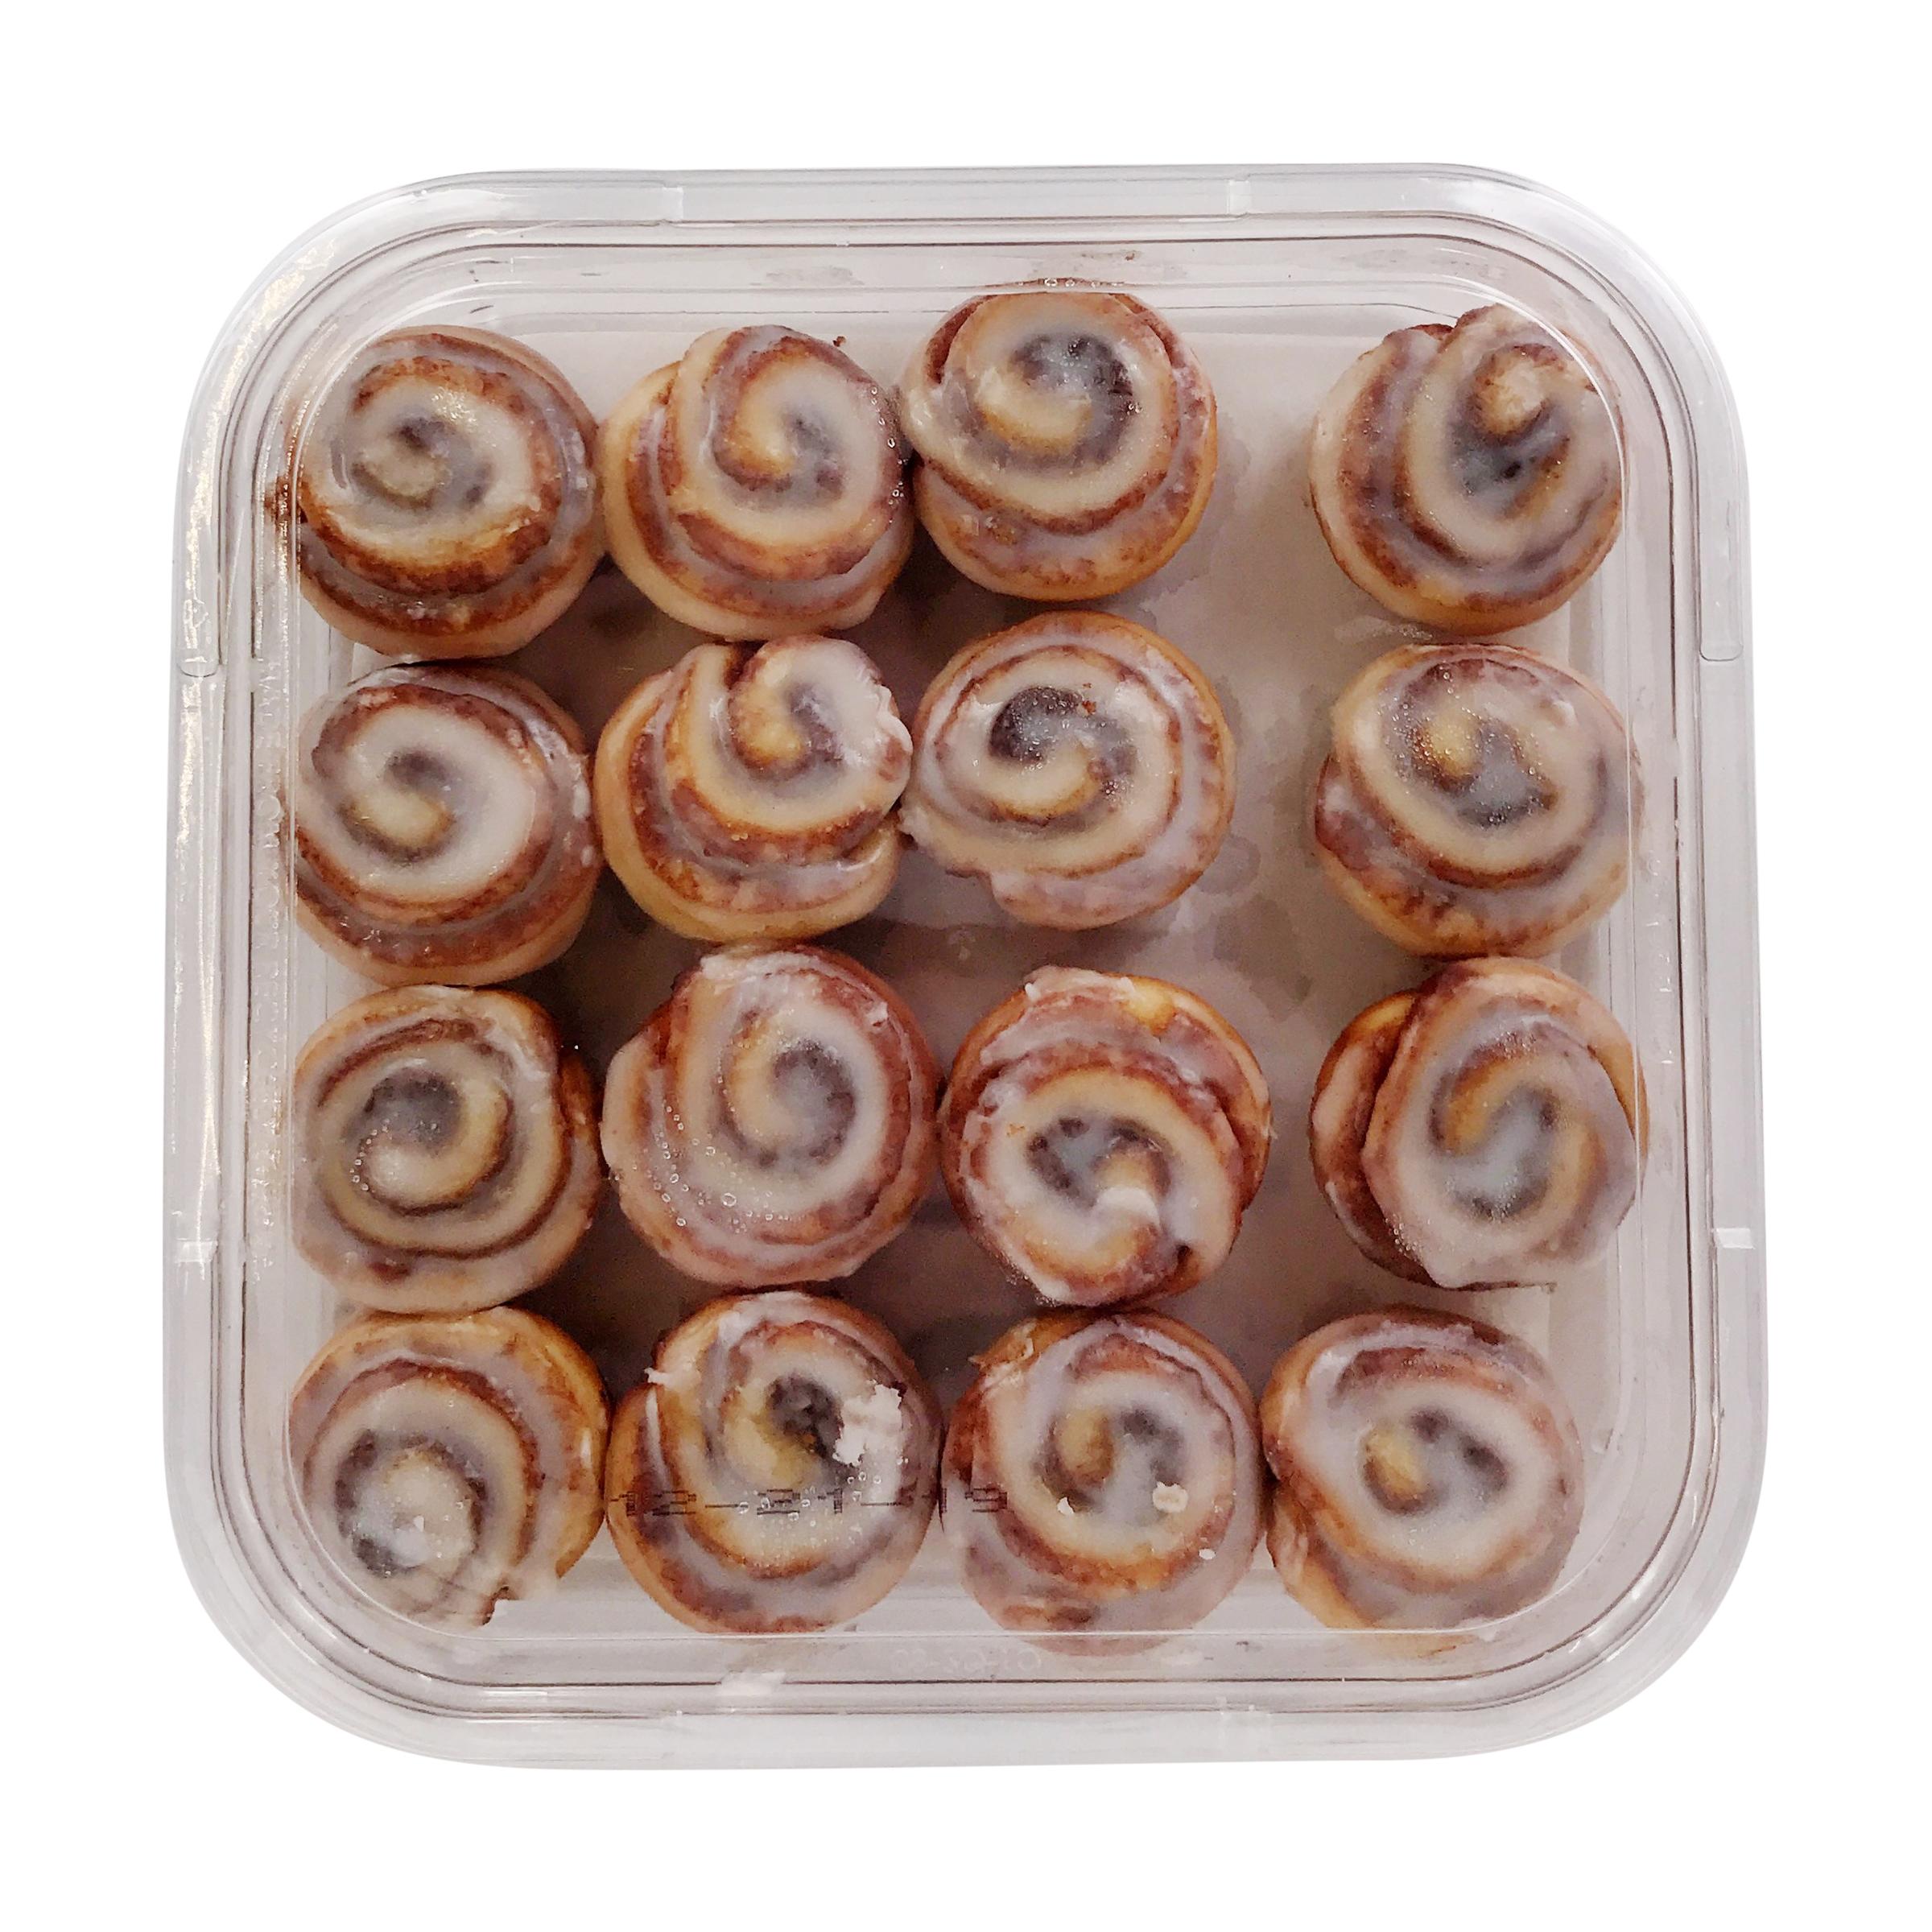 16pk Mini Cinnamon Roll 14 Oz Whole Foods Market Whole Foods Market